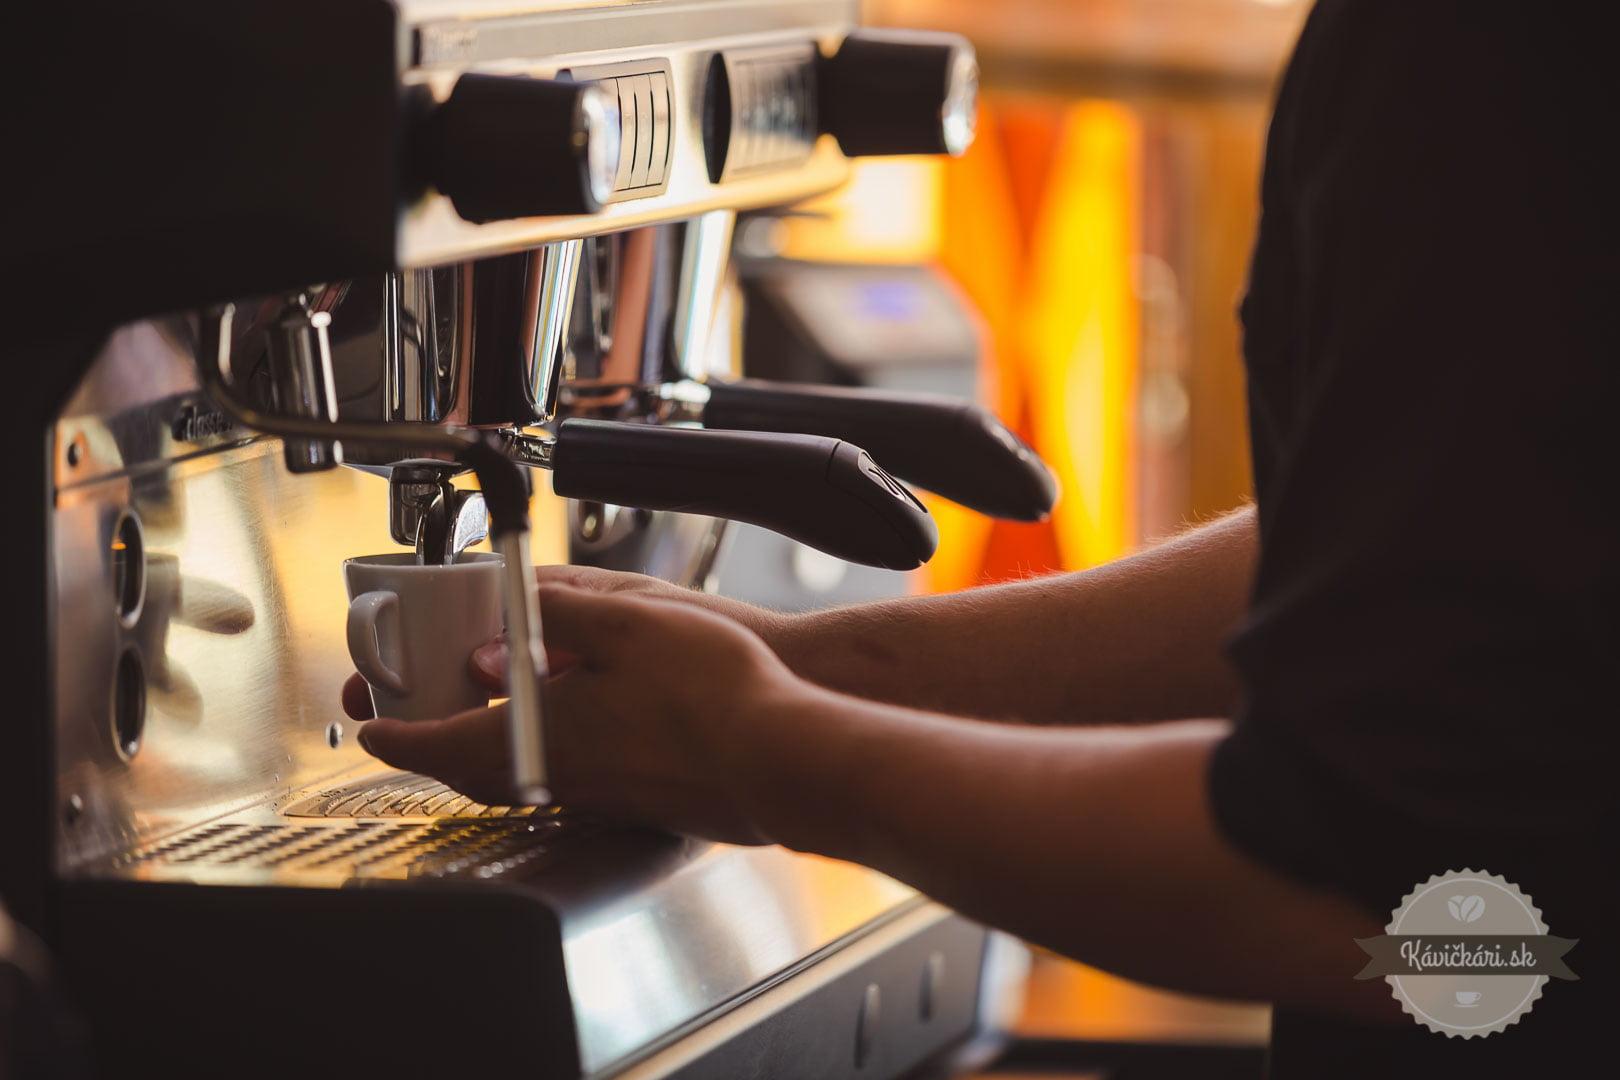 príprava kávy mlsná emma